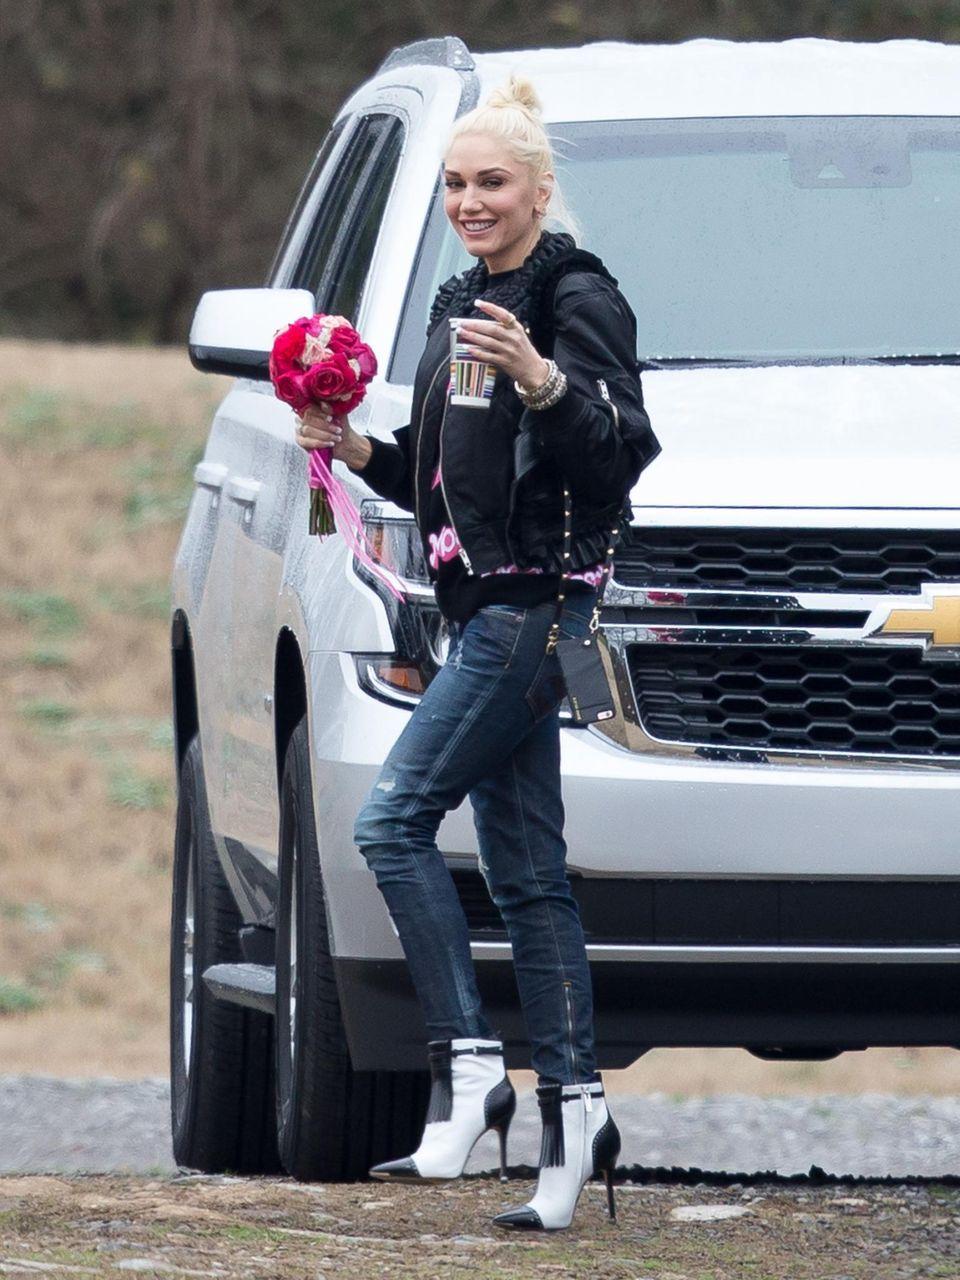 10. Januar 2016: Gwen Stefani und Blake Shelton sind auf der Hochzeitsfeier von Blake's Freundin Amanda Craig eingeladen. Flower Girl Gwen ist sichtlich gut gelaunt. Die Nacht verbringen Gwen und Blake in einem von Blakes Tourbussen.